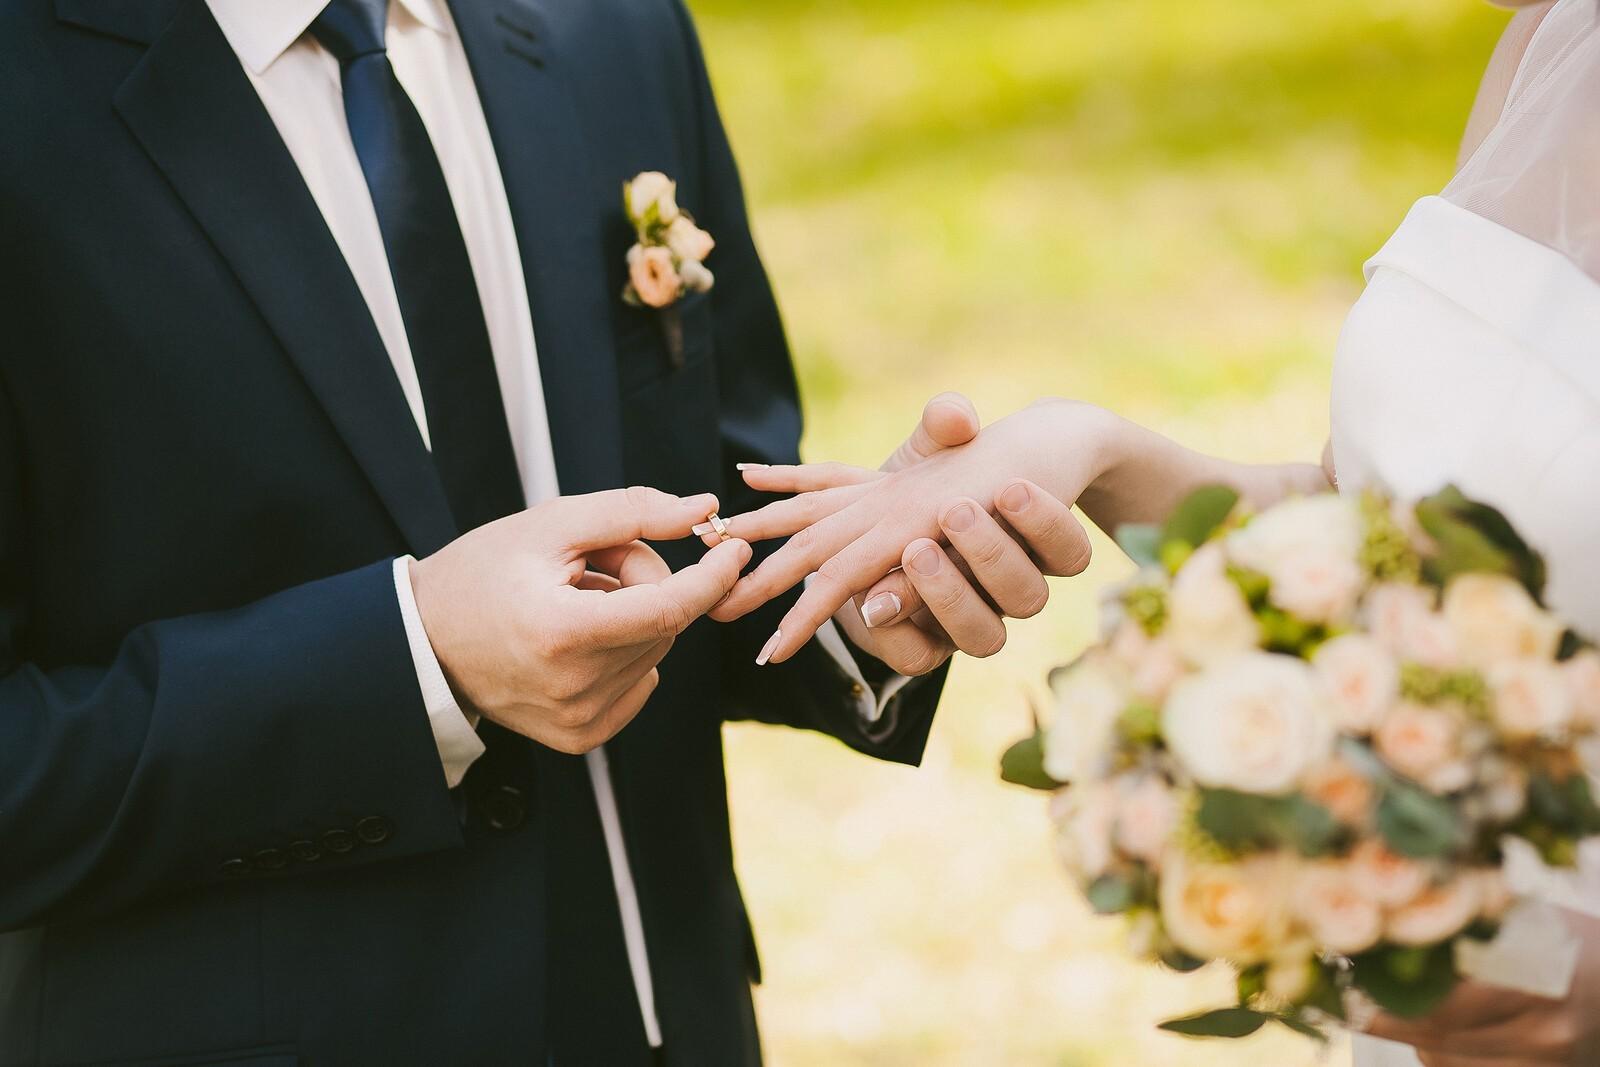 Плюсы от вступления в законный брак: преимущества официальных отношений